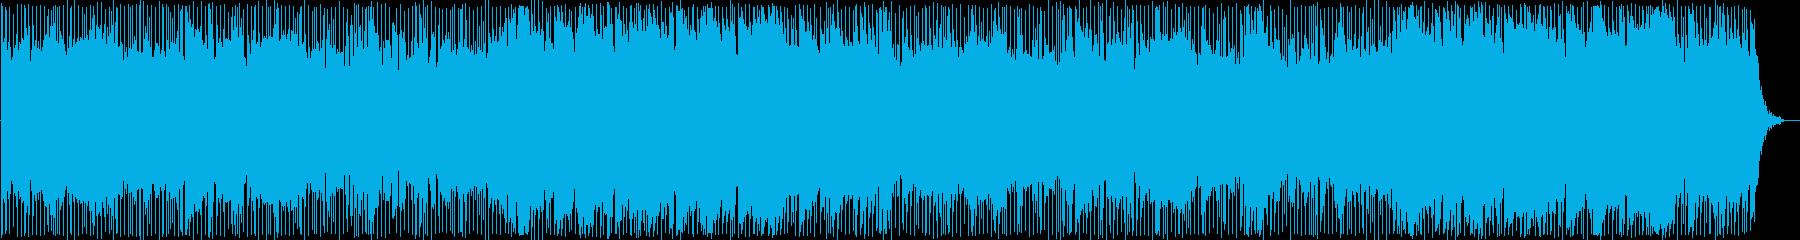 爽やかで駆け抜けていくような曲ですの再生済みの波形